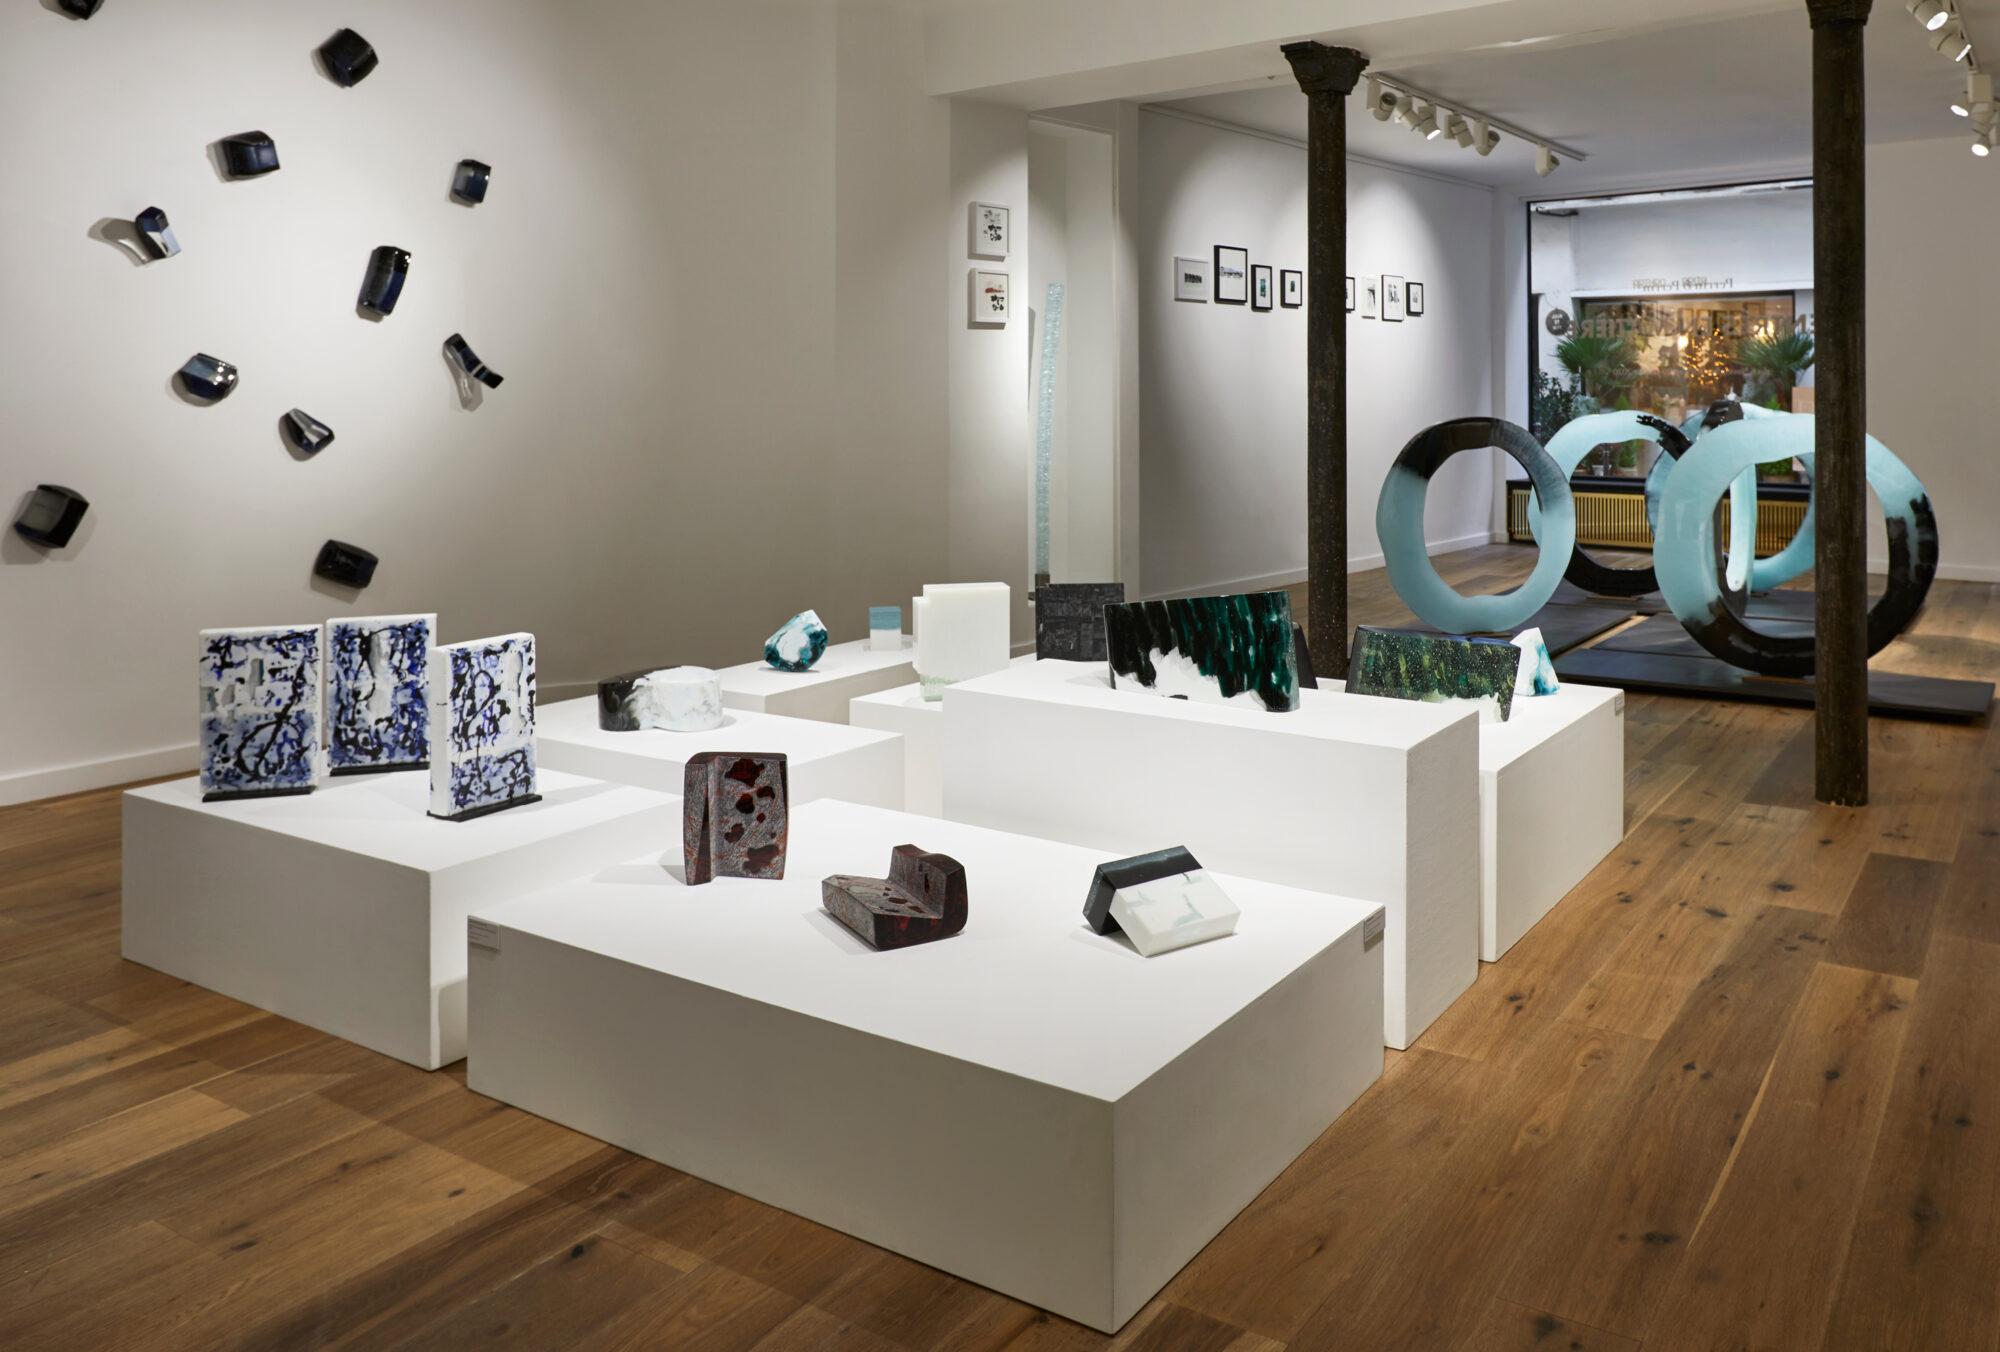 Entrée en matière - Galerie Negropontes